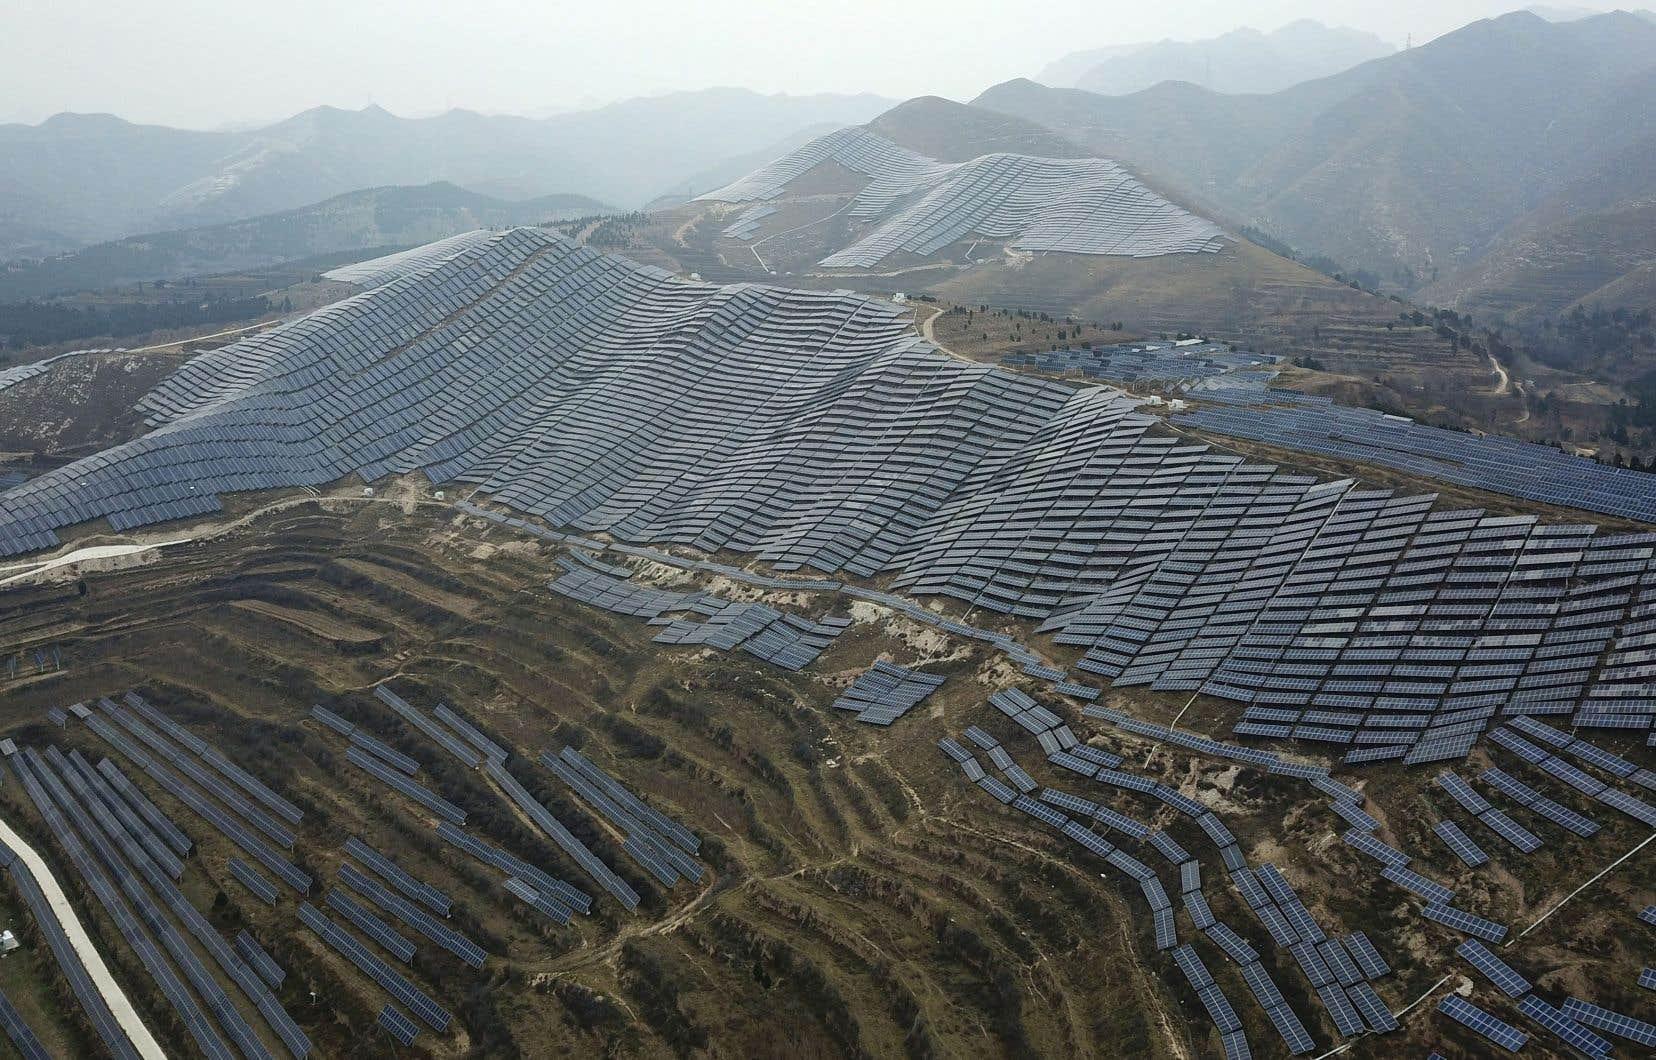 Le solaire va continuer «de battre des records», avec des capacités supplémentaires atteignant plus de 160 GW d'ici 2022, avance l'Agence internationale de l'énergie, dans un rapport dévoilé mardi. Sur la photo, une vaste installation de panneaux solaires, dans le centre de la Chine, en 2019.